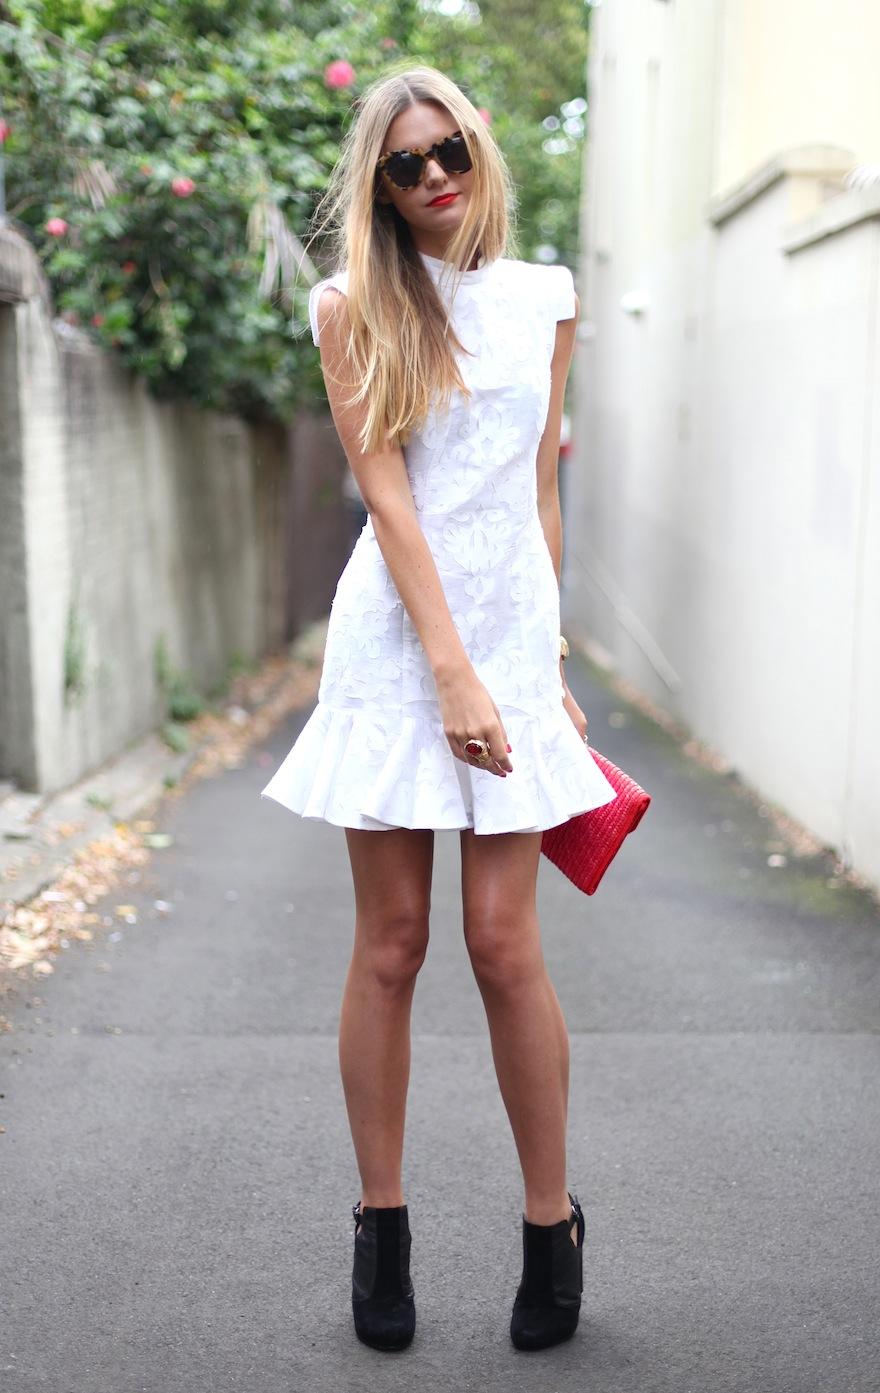 Фото блондинка в юбке платьях 12 фотография